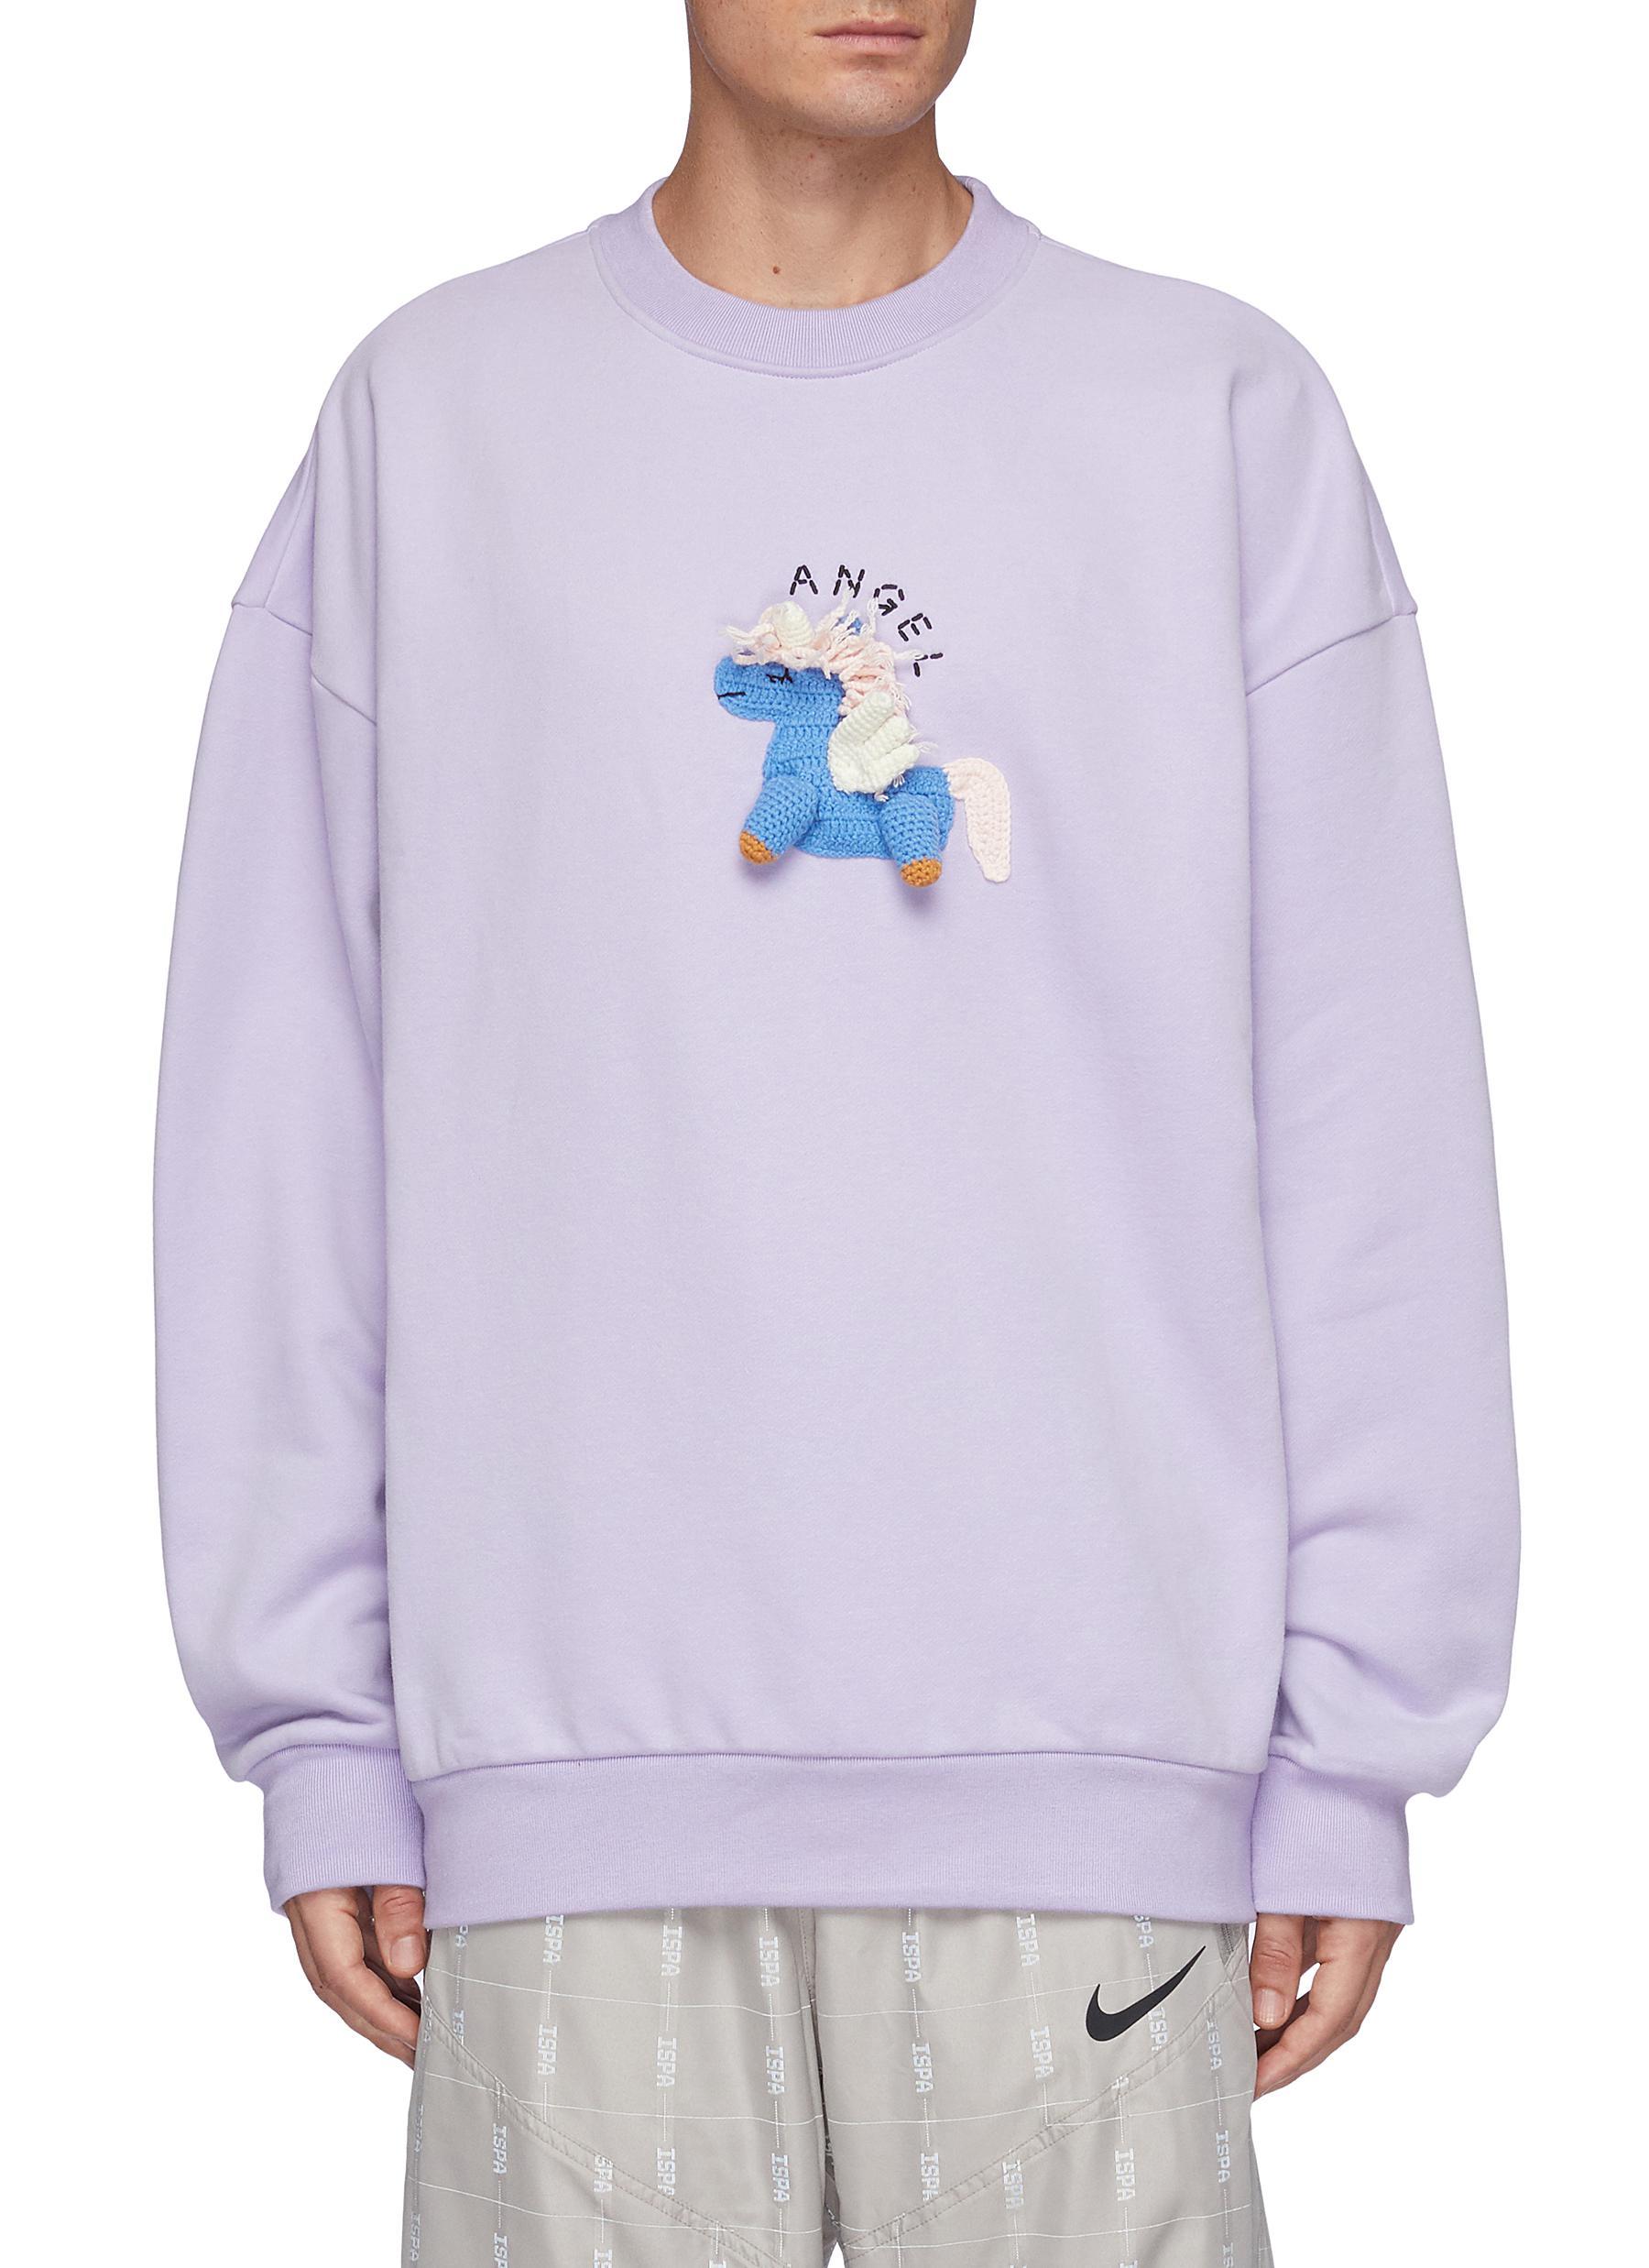 Oversize Hand Crochet Unicorn Sweatshirt